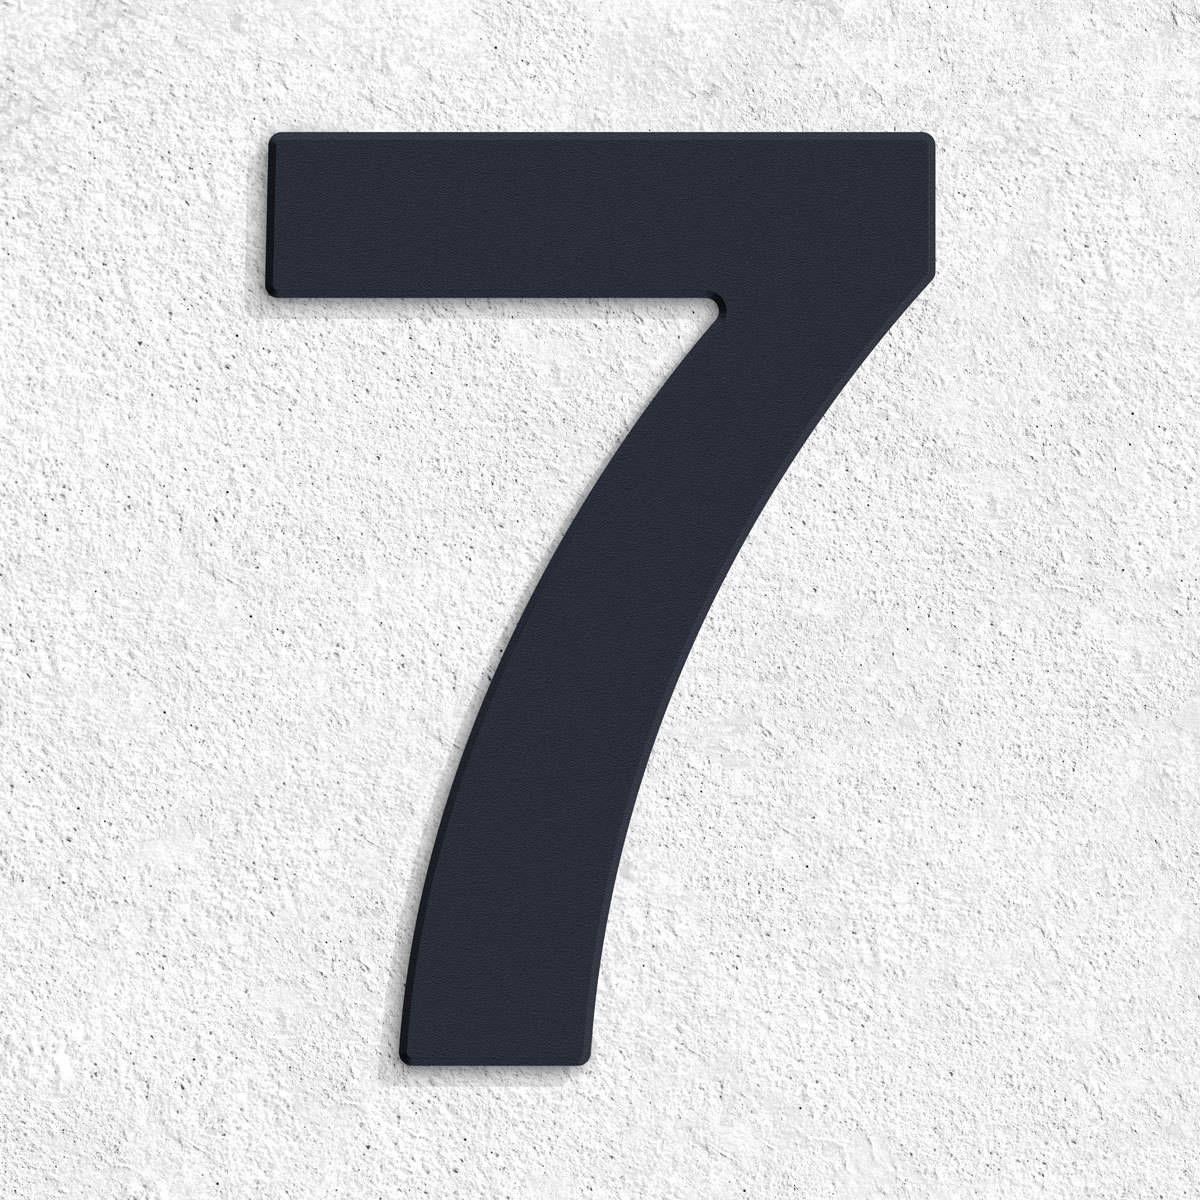 Hausnummer Anthrazit thorwa design edelstahl hausnummer hausnr ral 7016 anthrazitgrau